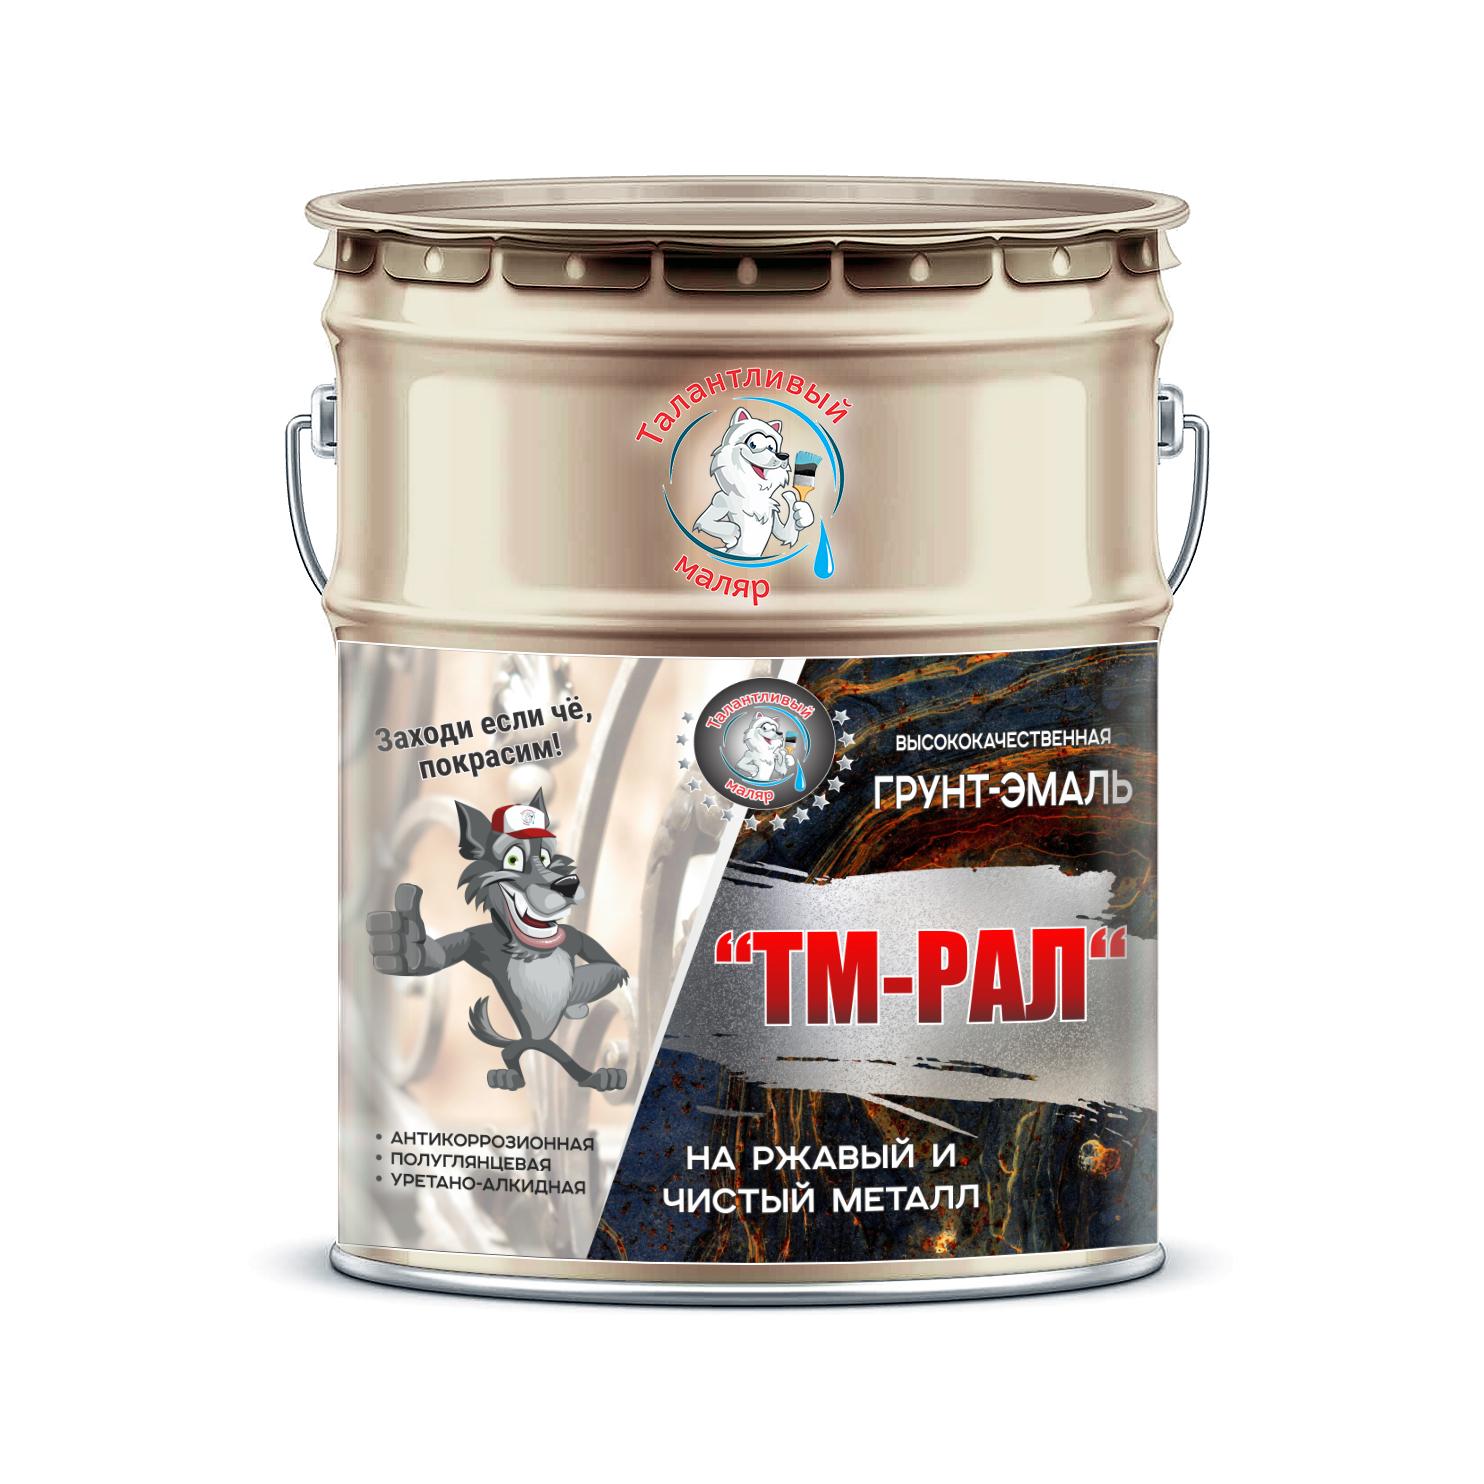 """Фото 1 - TM9001 Грунт-Эмаль """"ТМ РАЛ"""" уретано-алкидная 3 в 1 цвет RAL 9001 Белый крем, антикоррозионная,  полуглянцевая для черных металлов, 20 кг """"Талантливый маляр""""."""